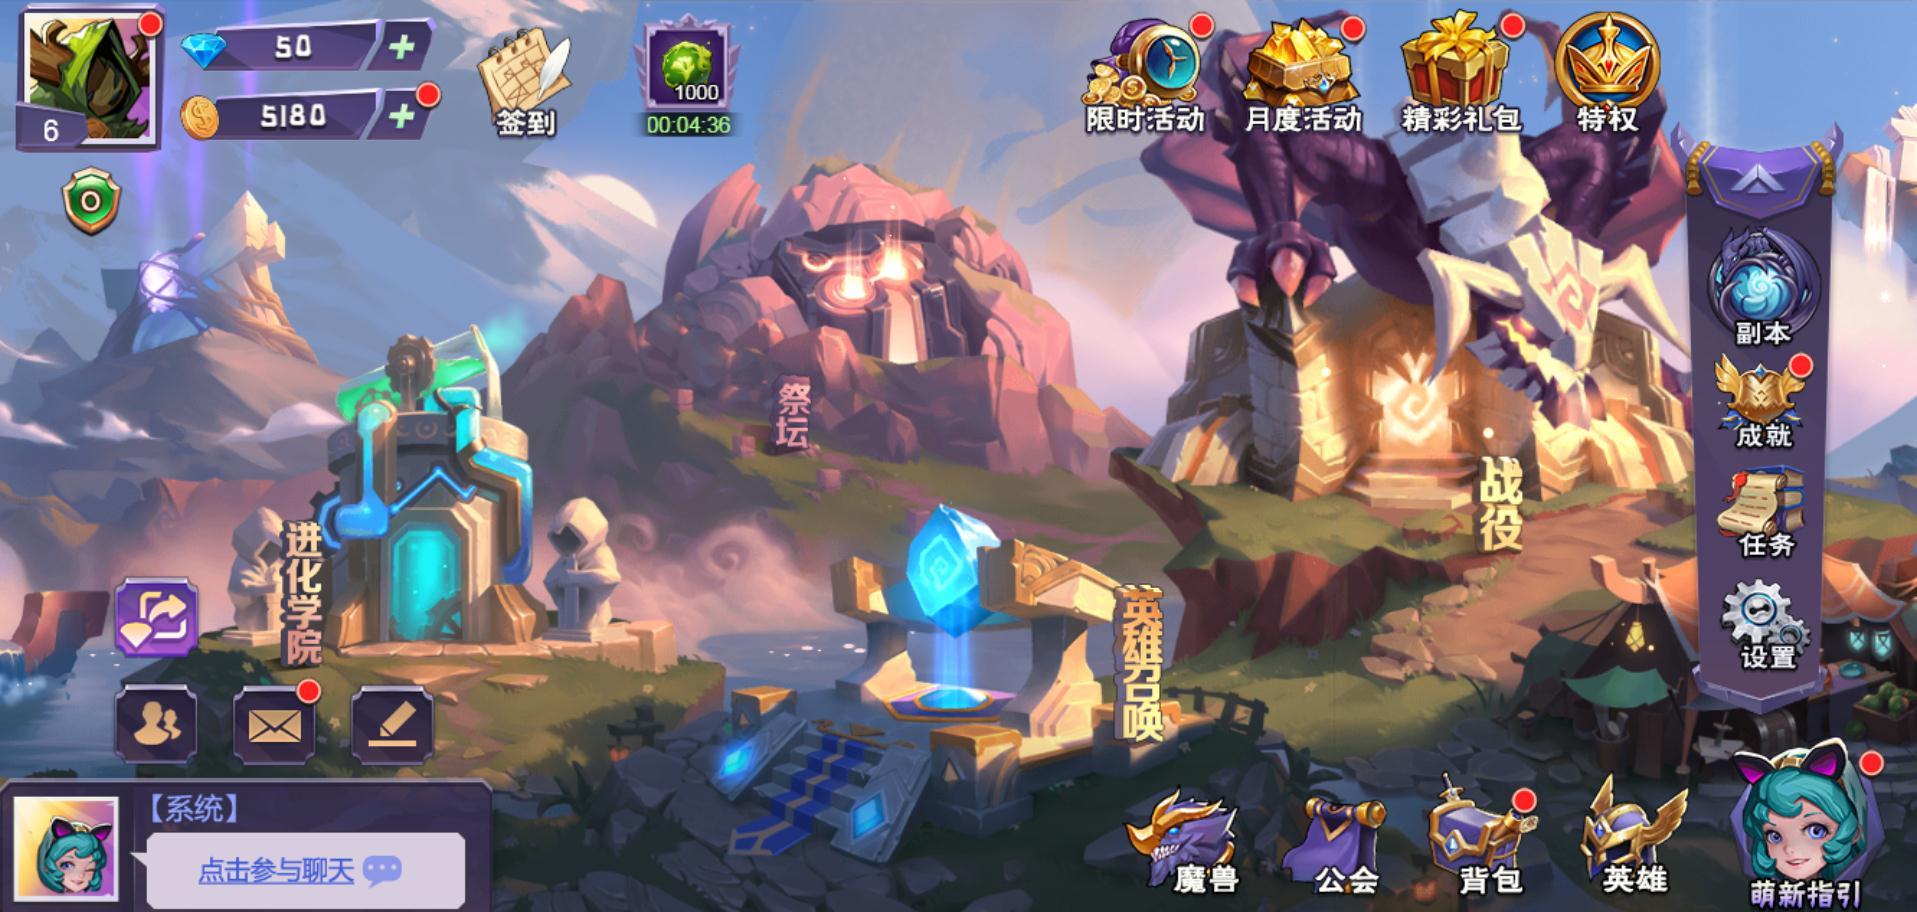 《战火与荣耀H5》游戏截图